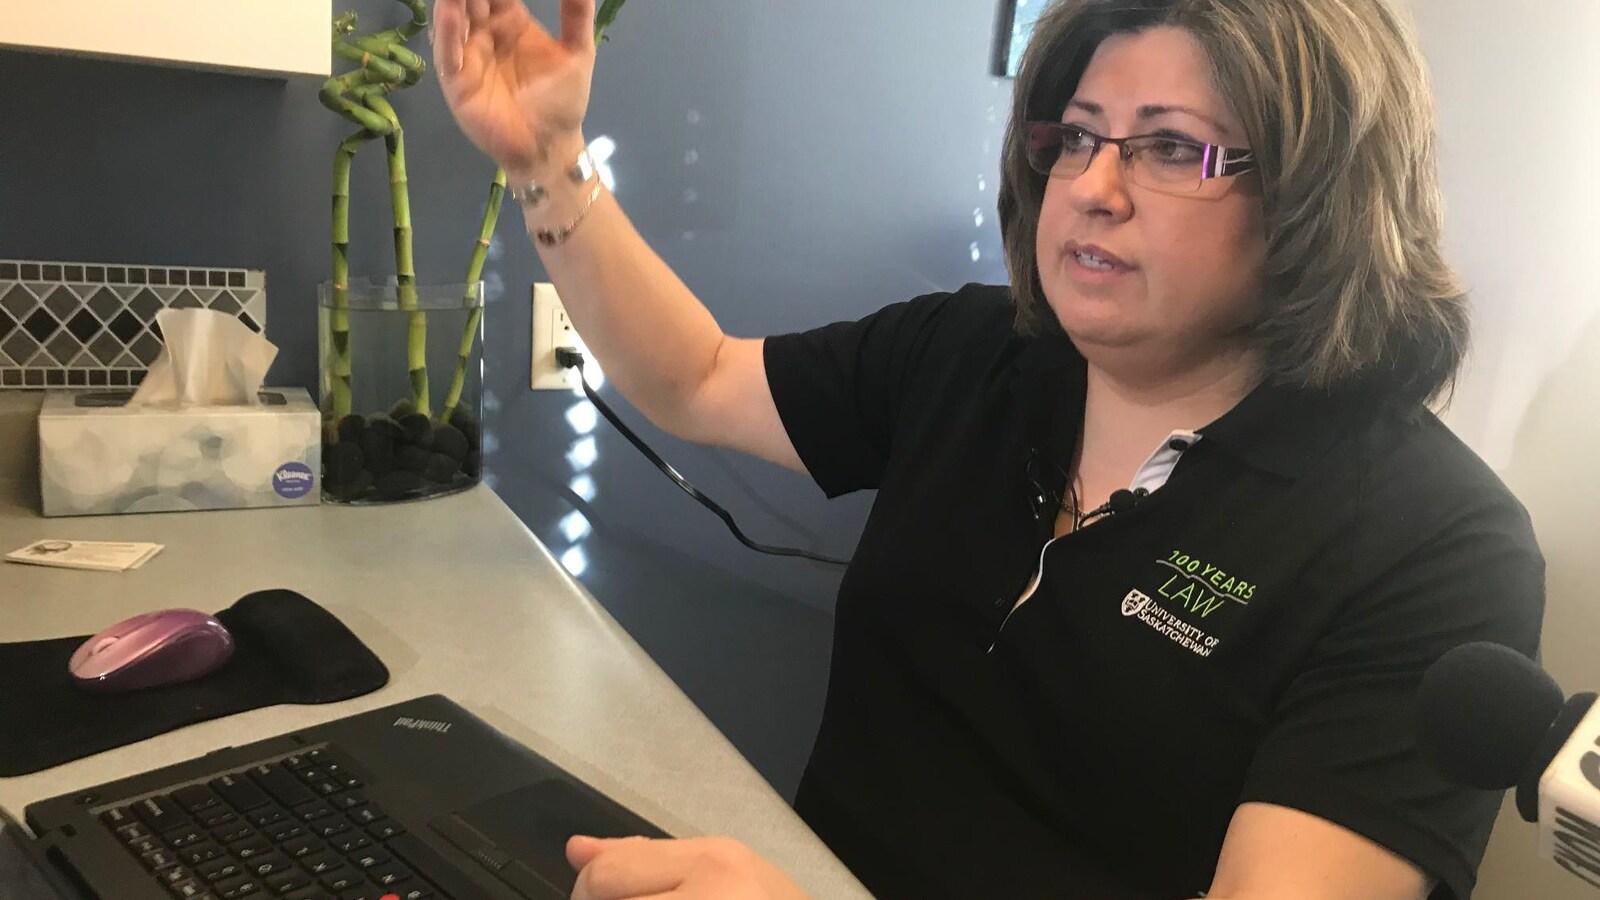 L'avocate devant son ordinateur, qui s'exprime avec de grands mouvements de bras.